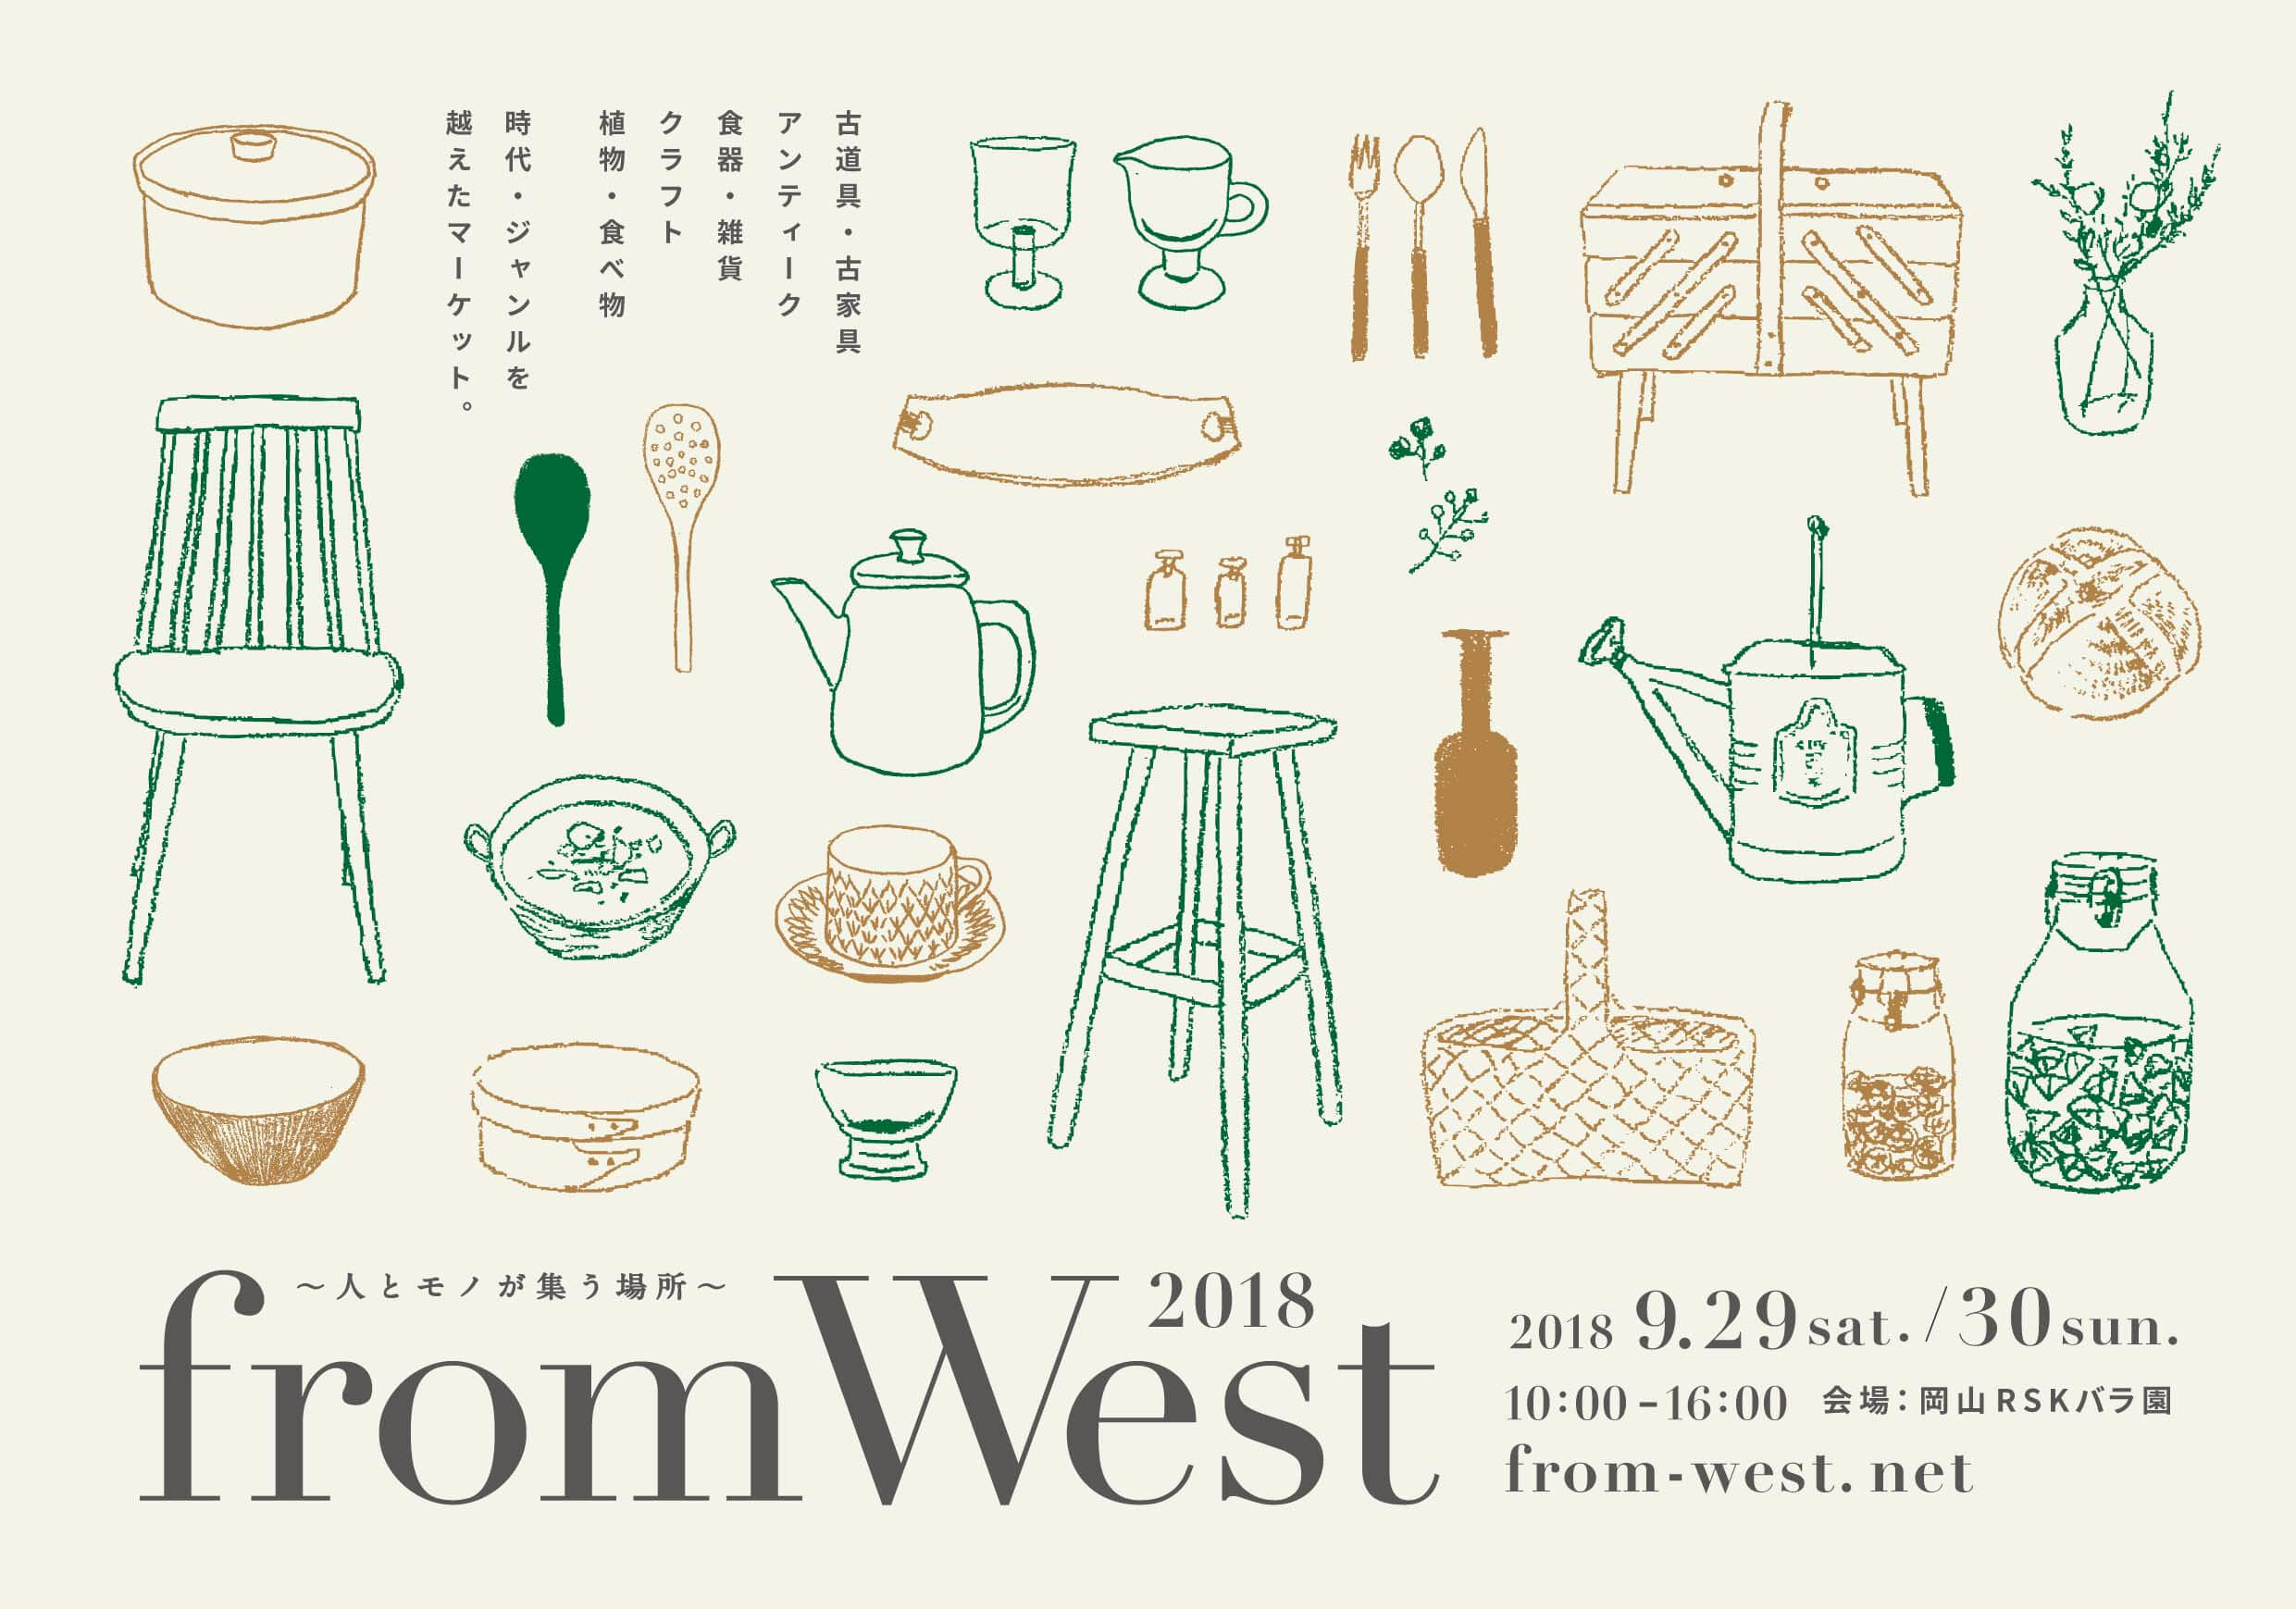 http://www.schule.jp/news/from_west_2018_vol1_front.jpg